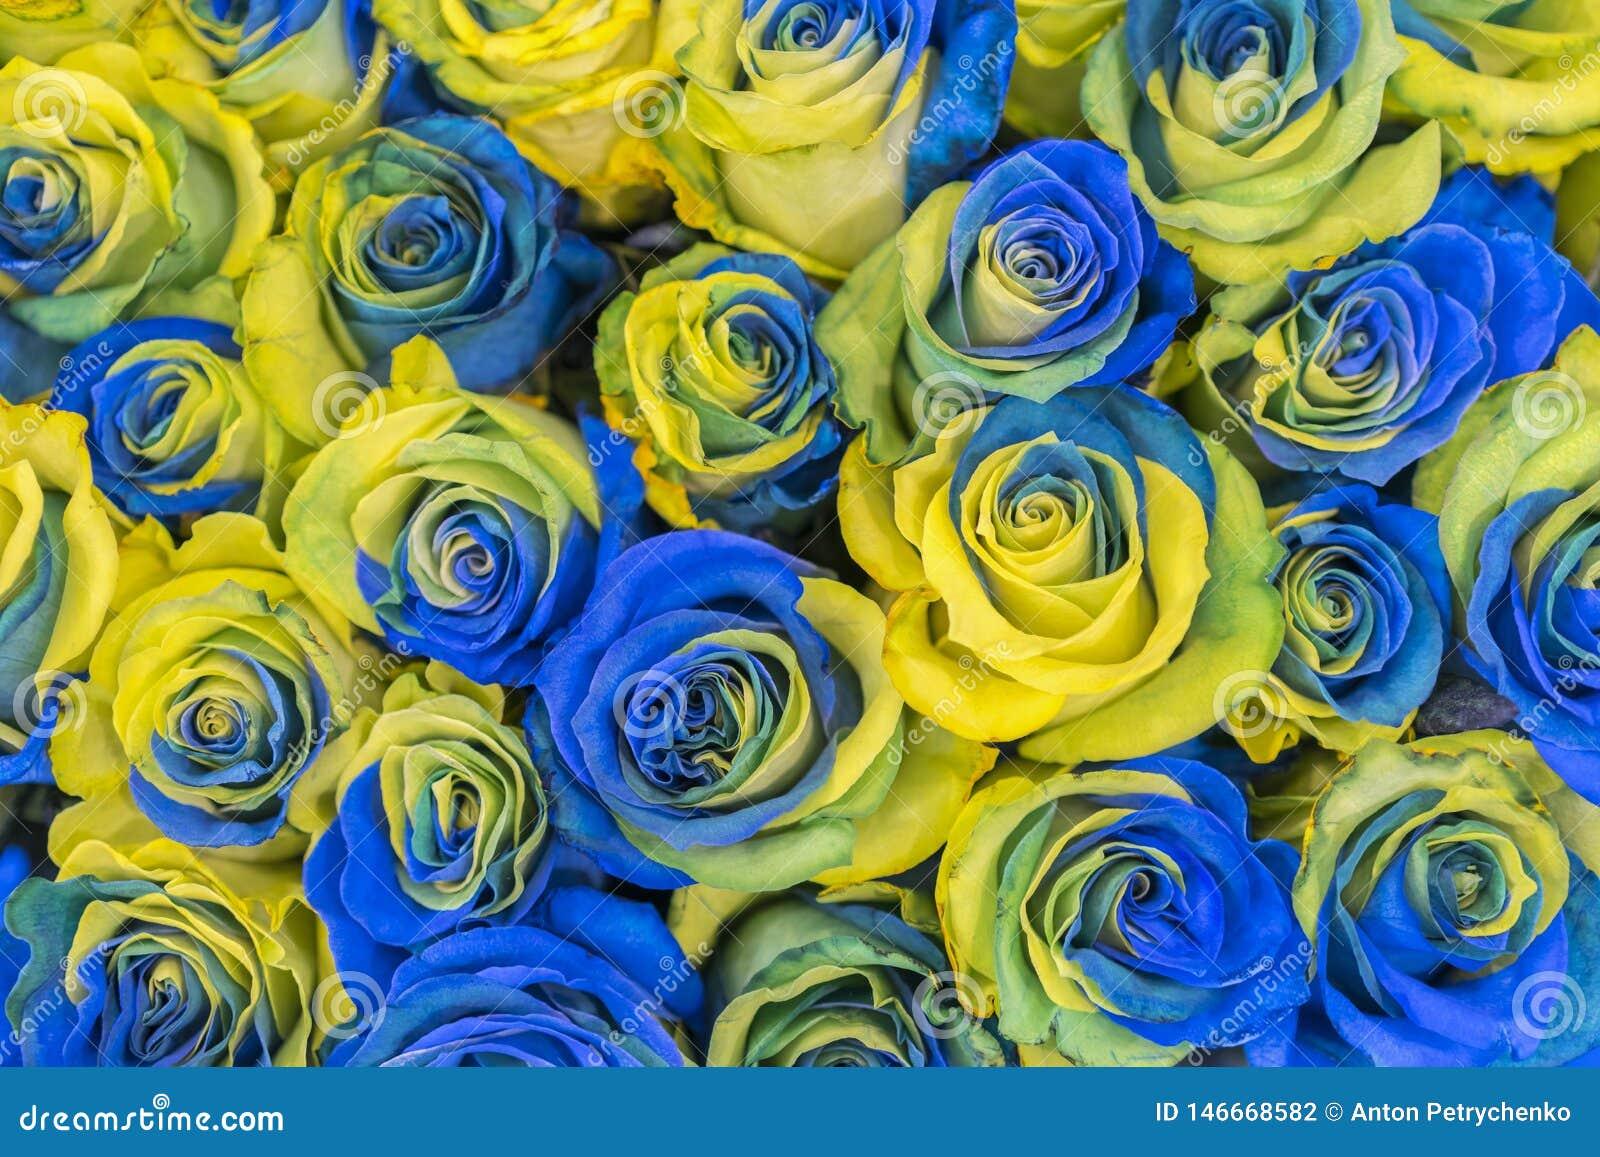 För blåa för begrepp ukrainsk bästa sikt och gula rosor Utsmyckade gula och blåa rosor fantastiska blommor Blåa och gula blommor